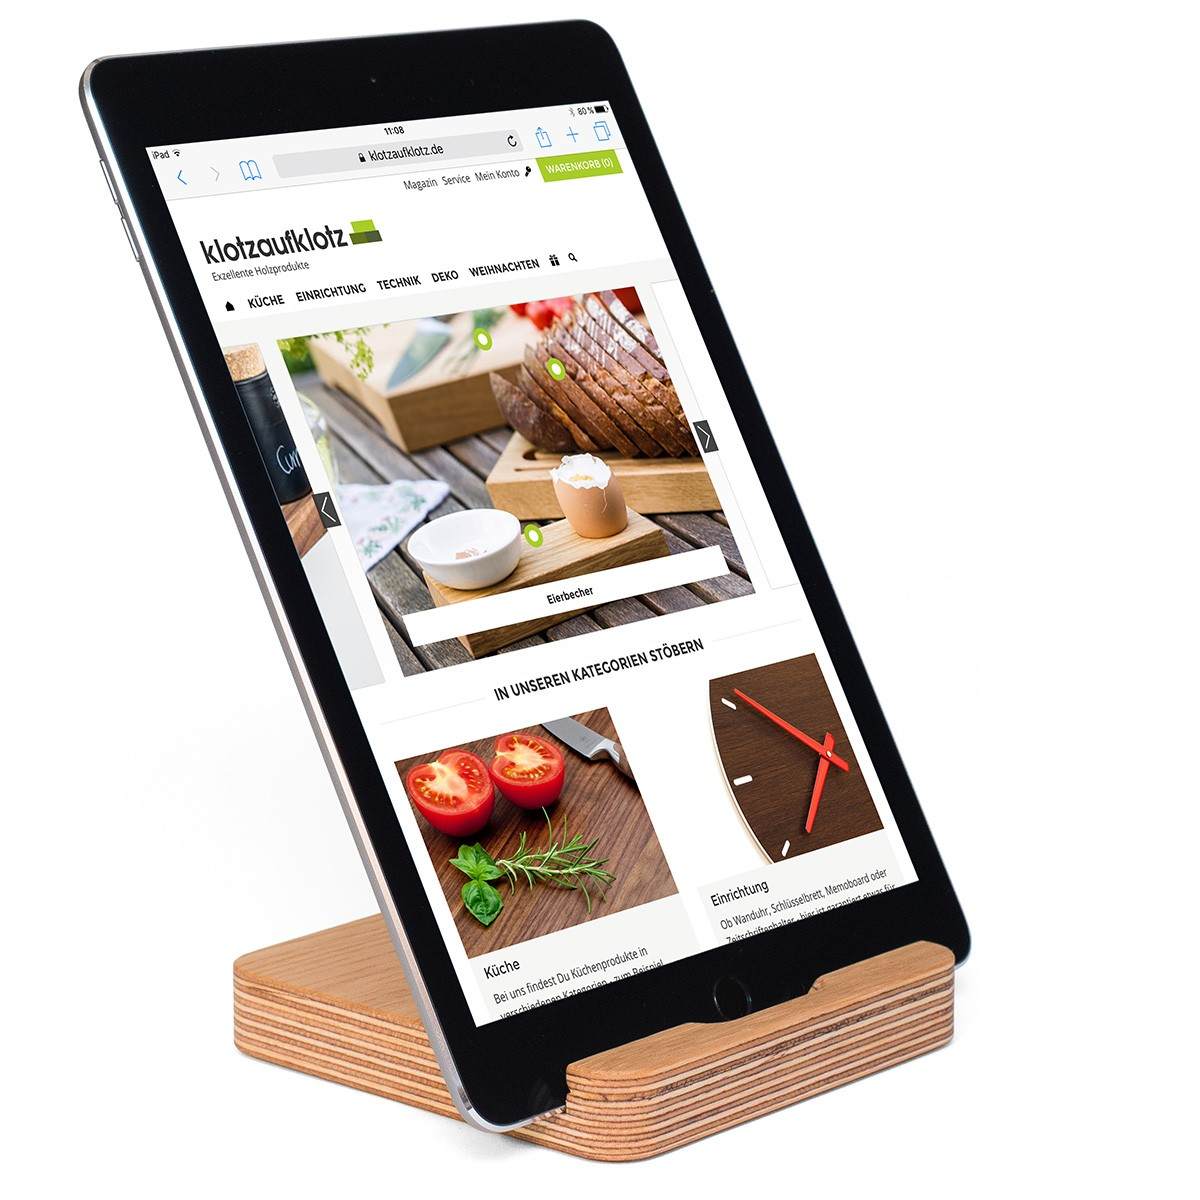 klotzaufklotz Tablet-Ständer Multiplex Eiche